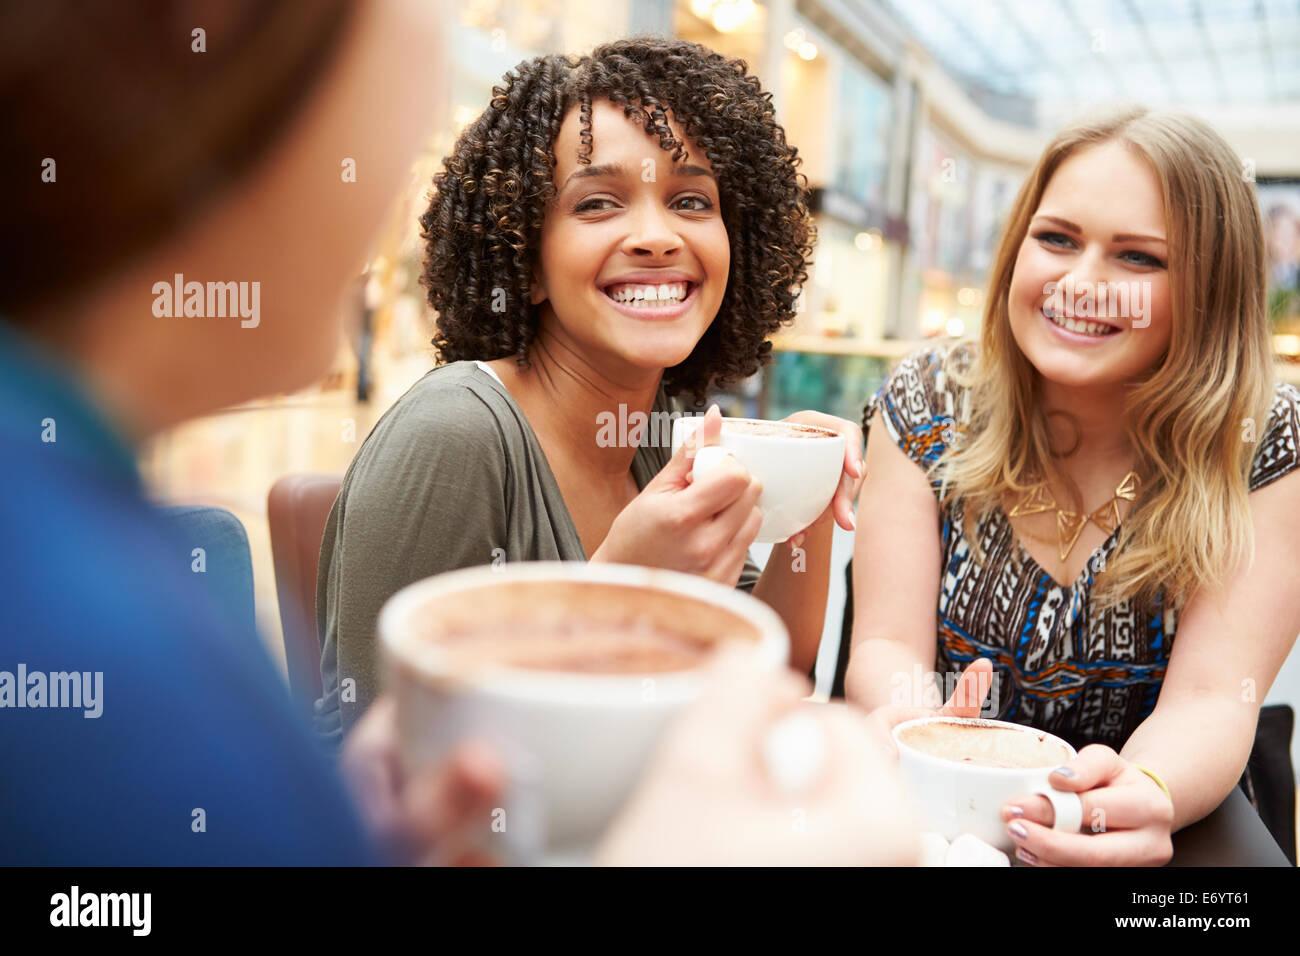 Groupe de jeunes amies au Café rencontre Photo Stock